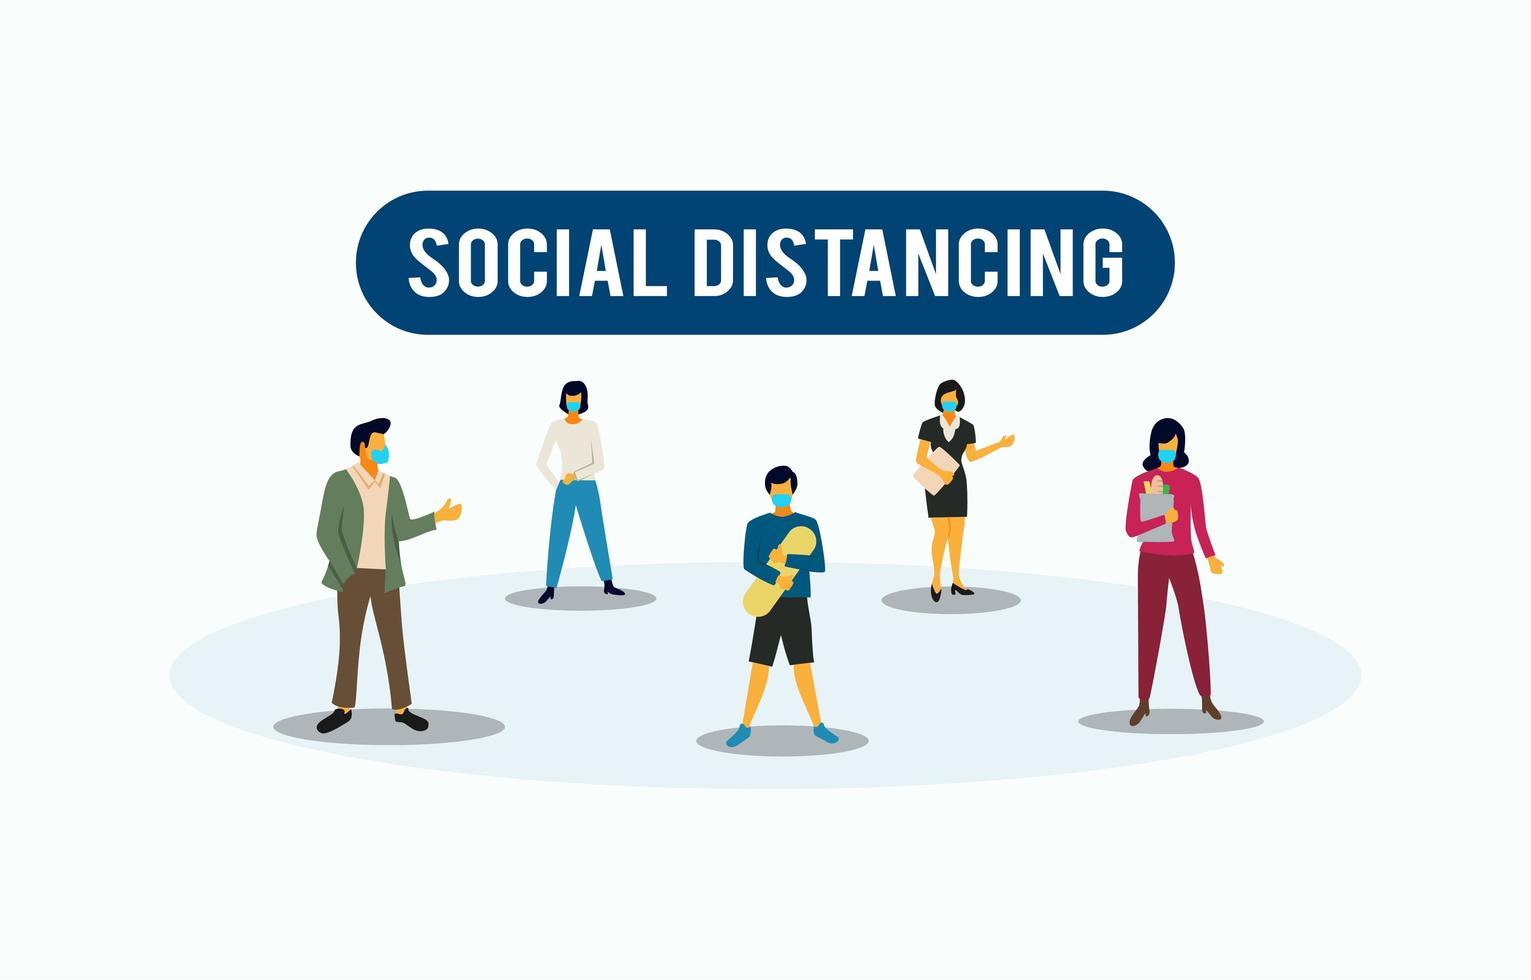 sociale afstand tot coronavirus vector